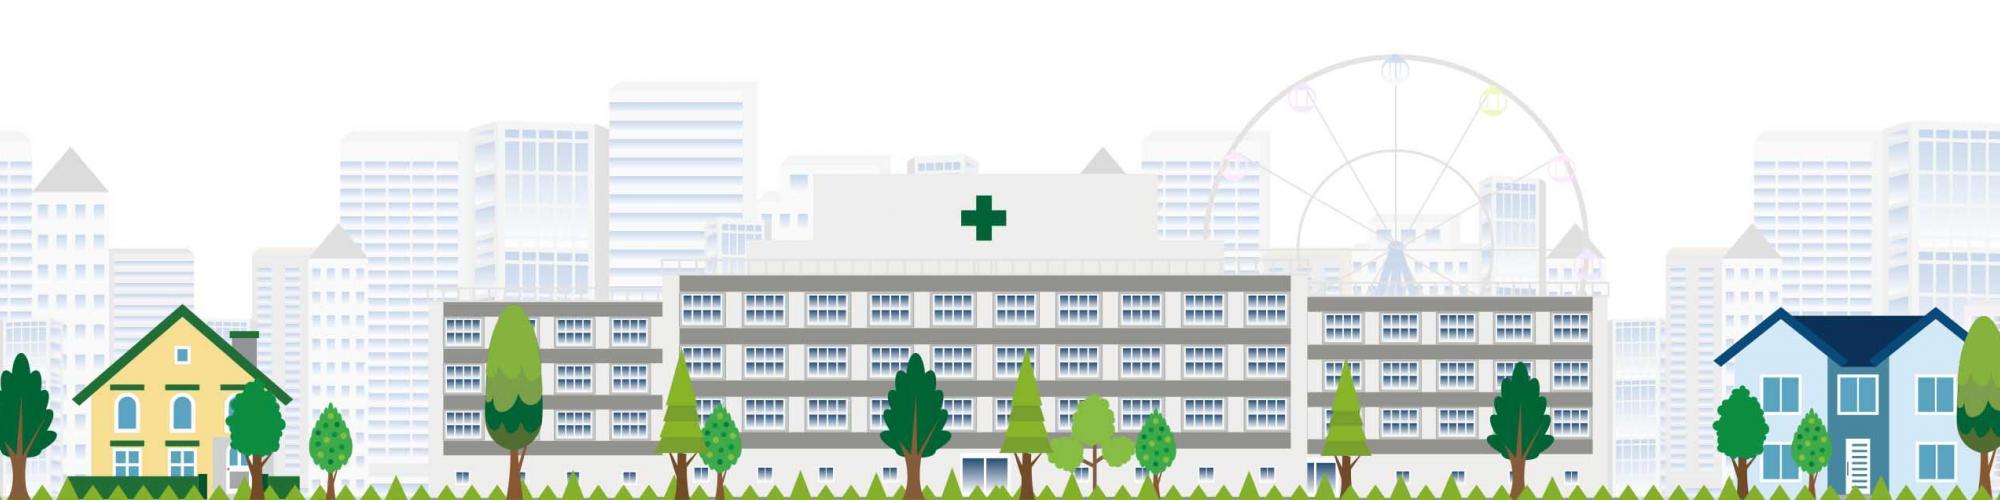 Medizinisches Versorgungszentrum Labor Ludwigsburg GbR